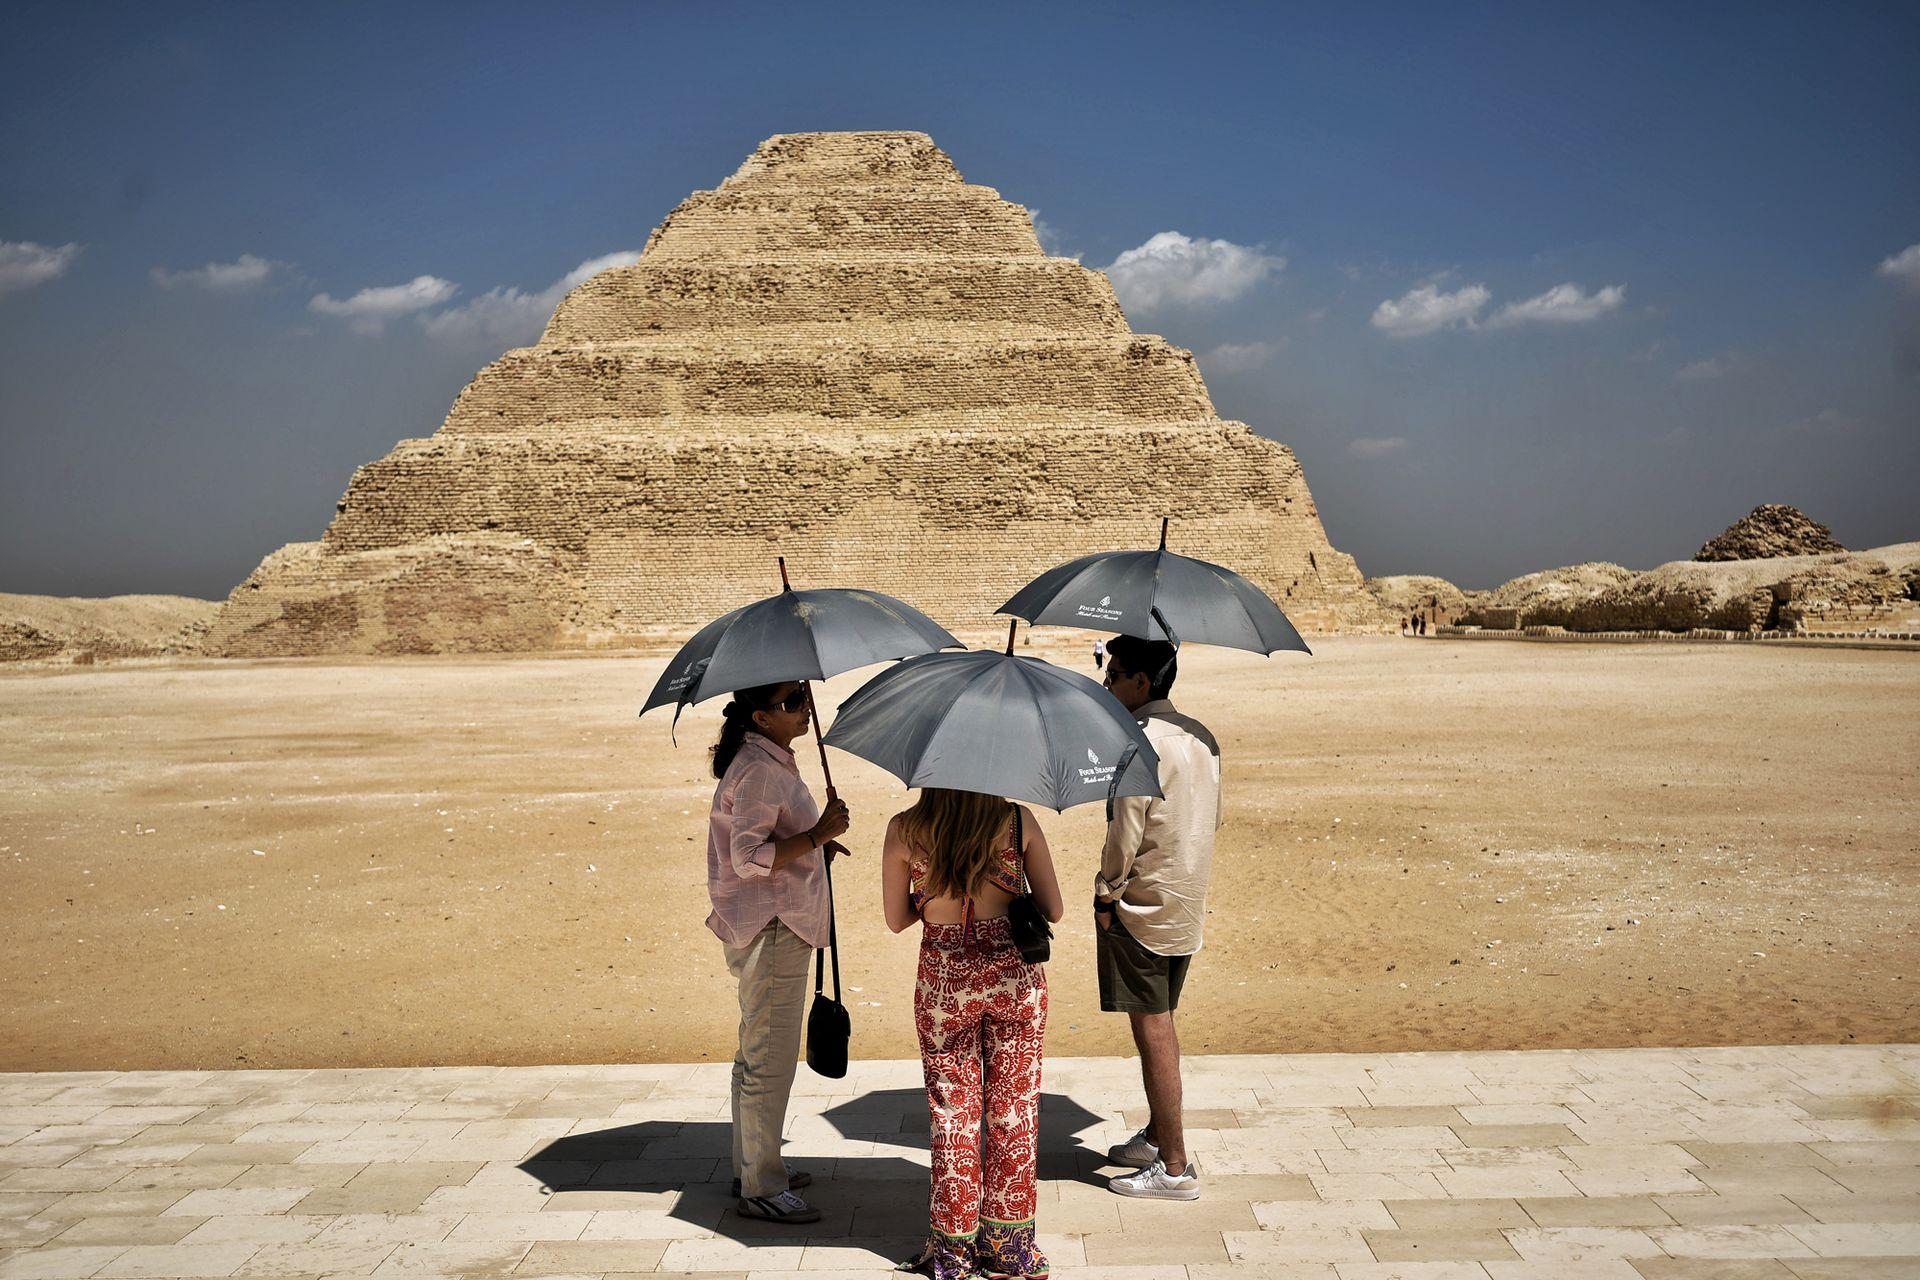 Se cree que está pirámide es el edificio de piedra más antiguo del mundo